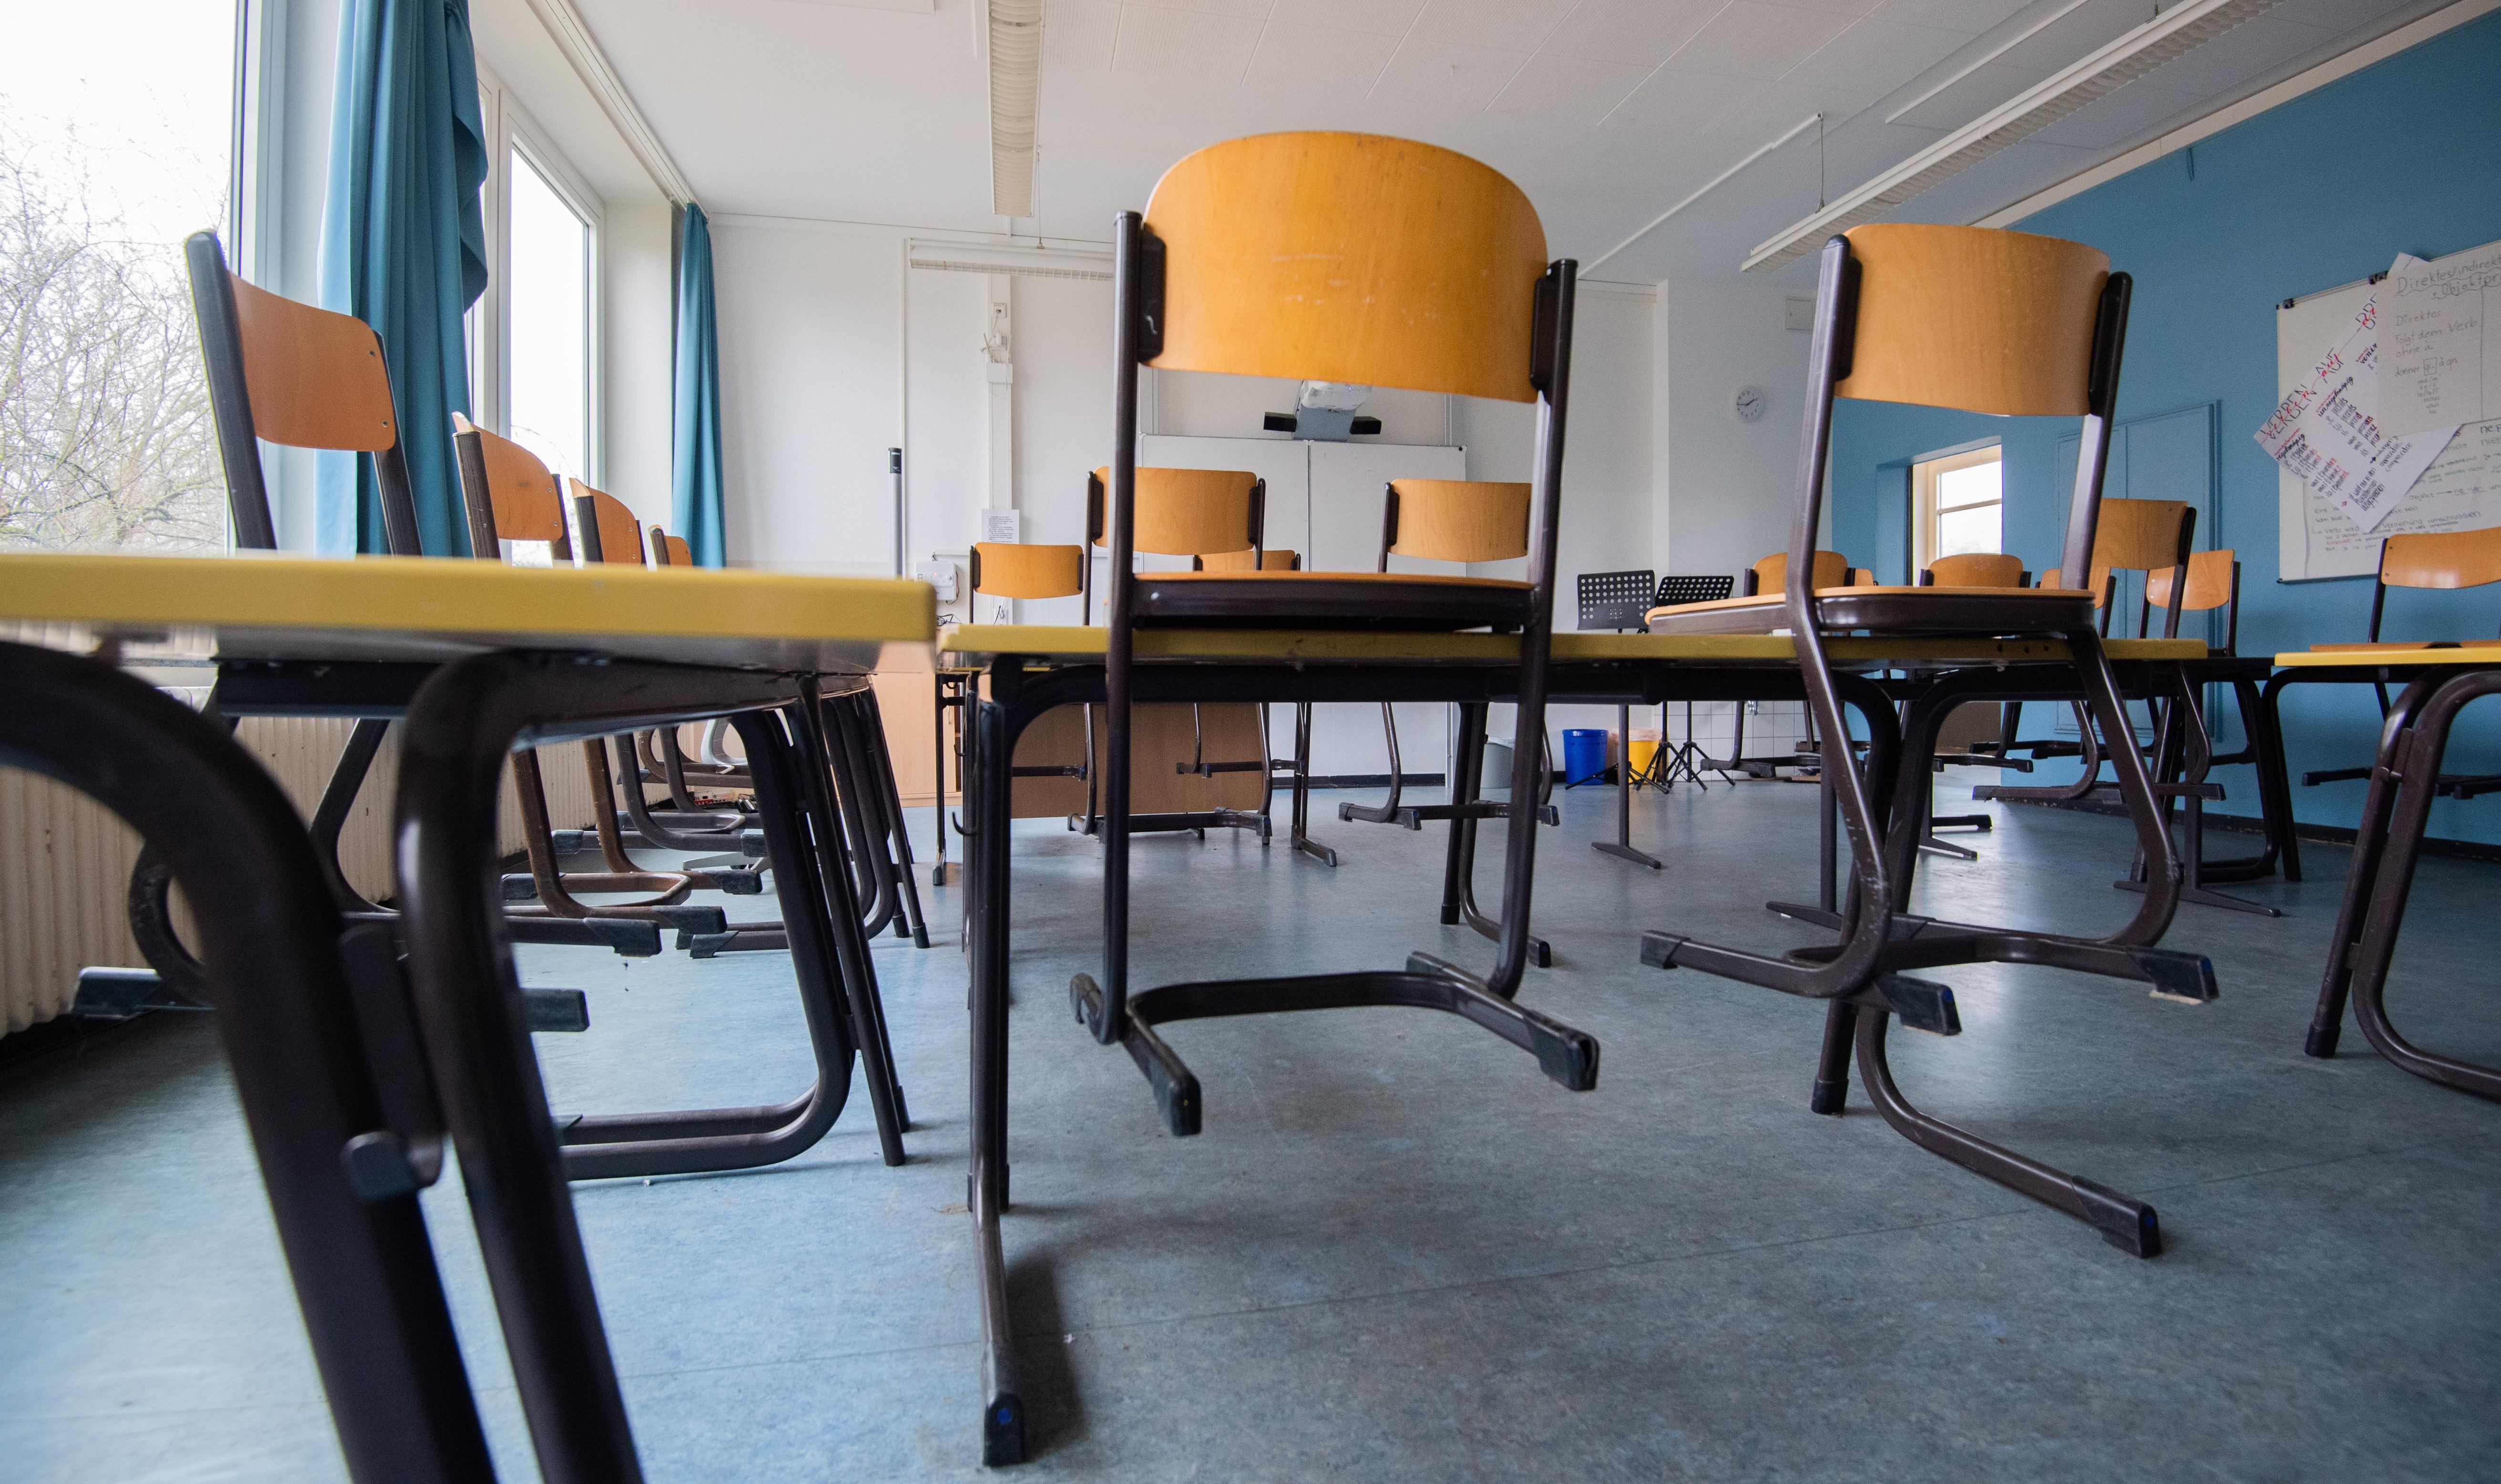 Február végéig maradnak a korlátozások Dániában a vírusmutációk miatt